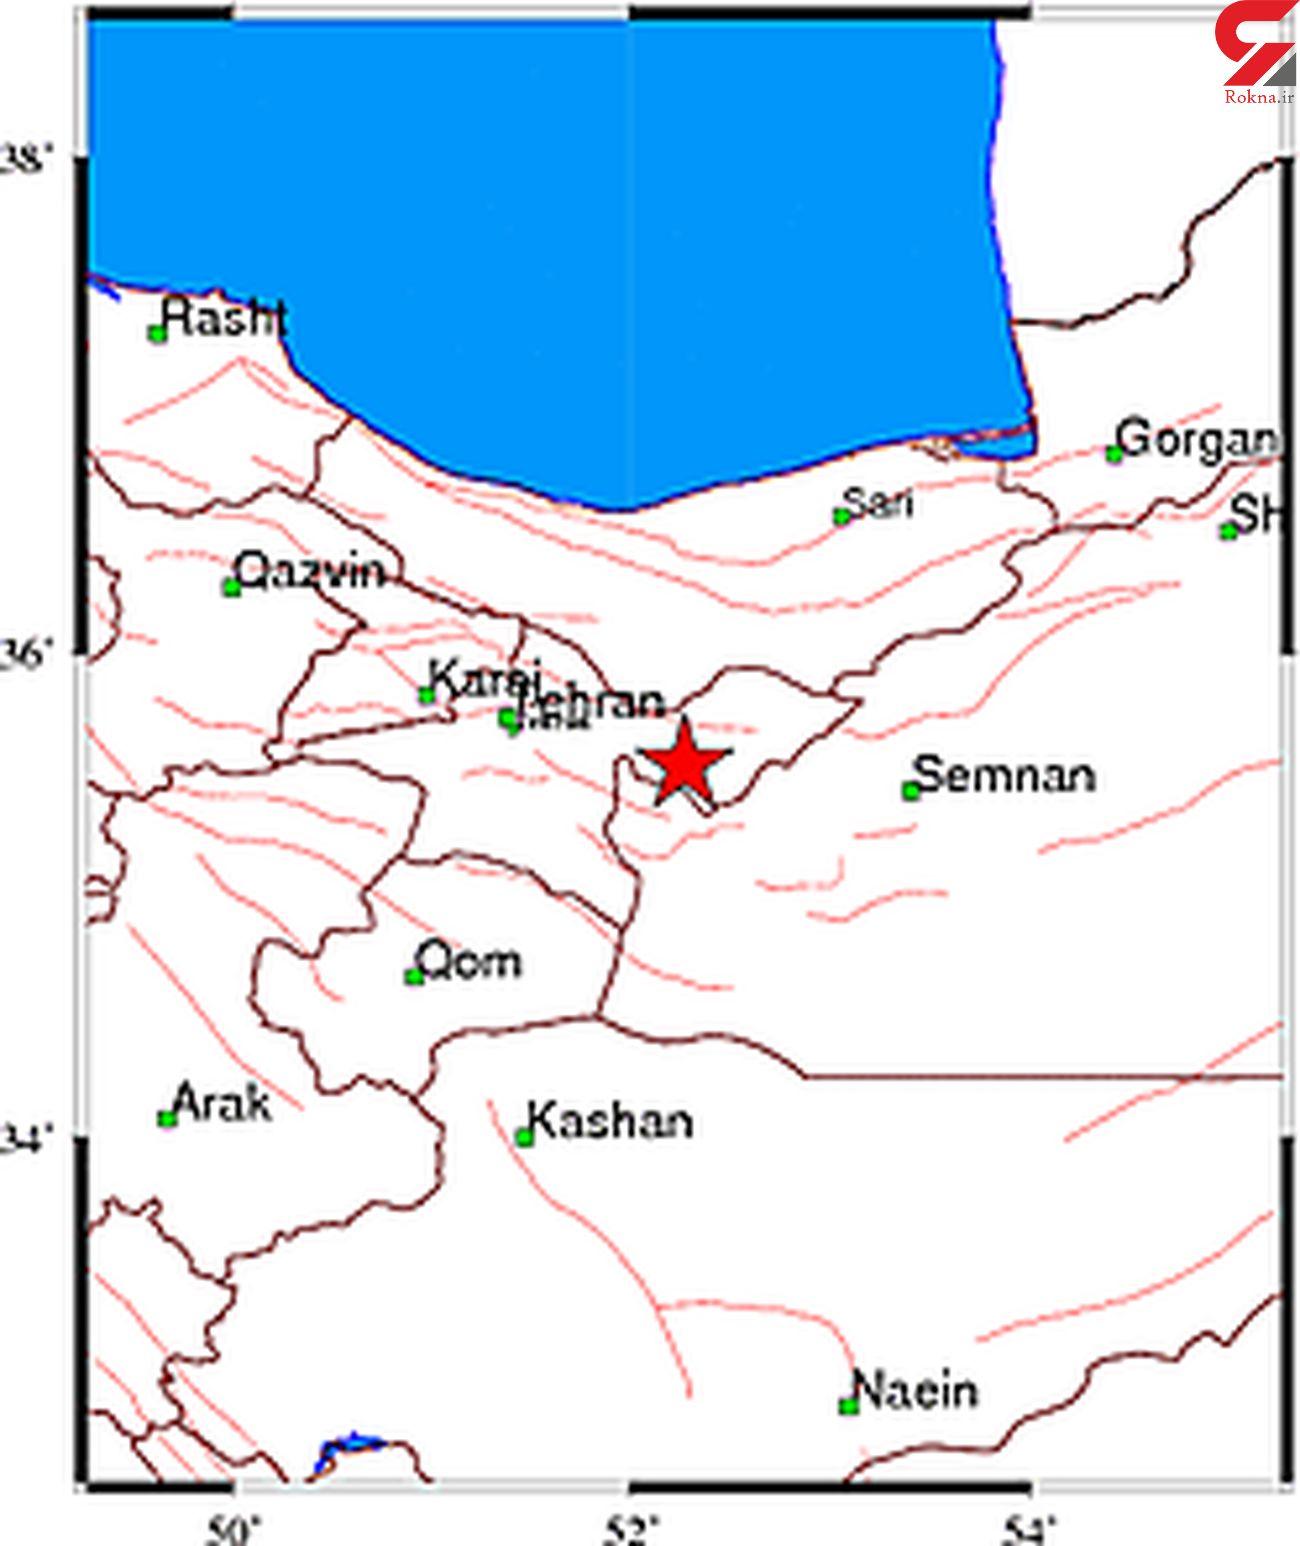 زلزله در دماوند تهران / لحظاتی پیش رخ داد + محل دقیق زلزله